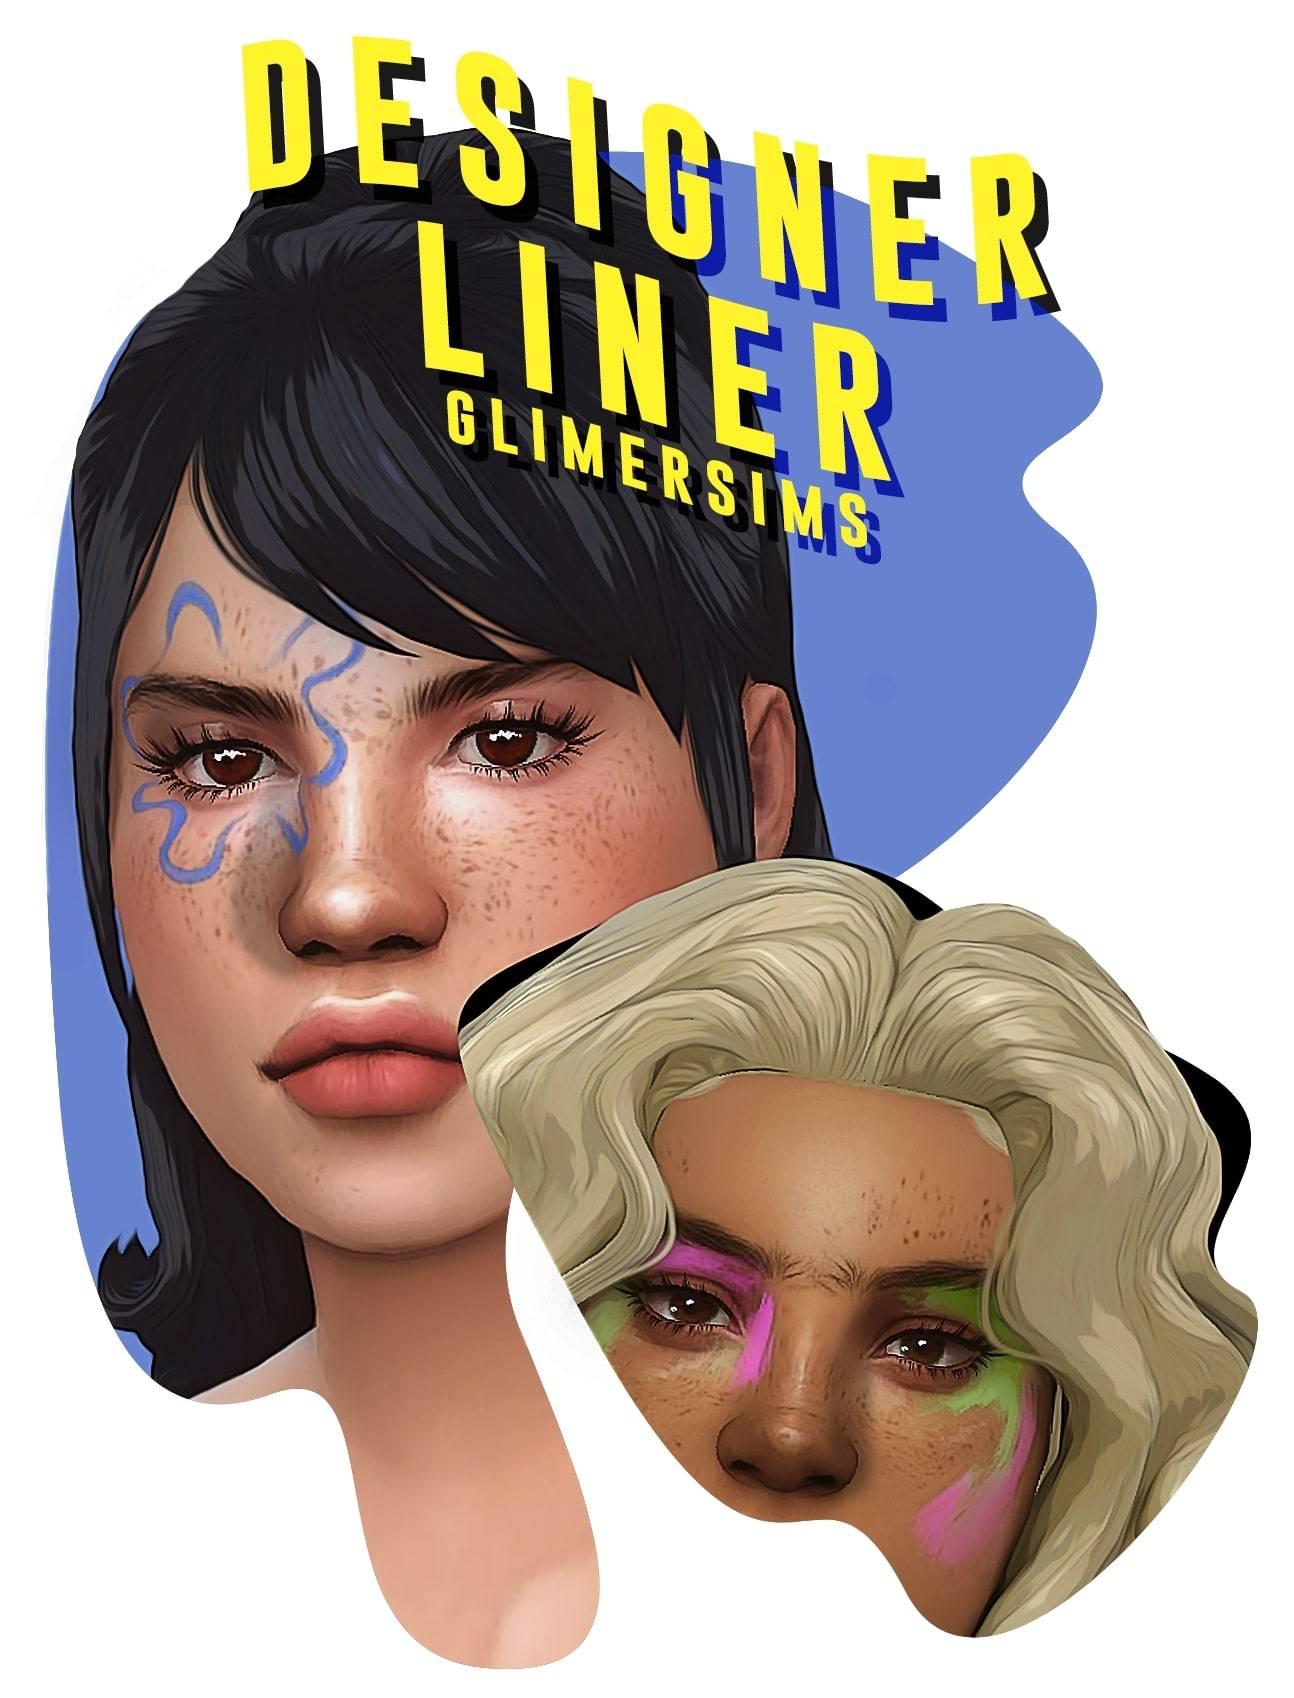 Макияж глаз - designer liner